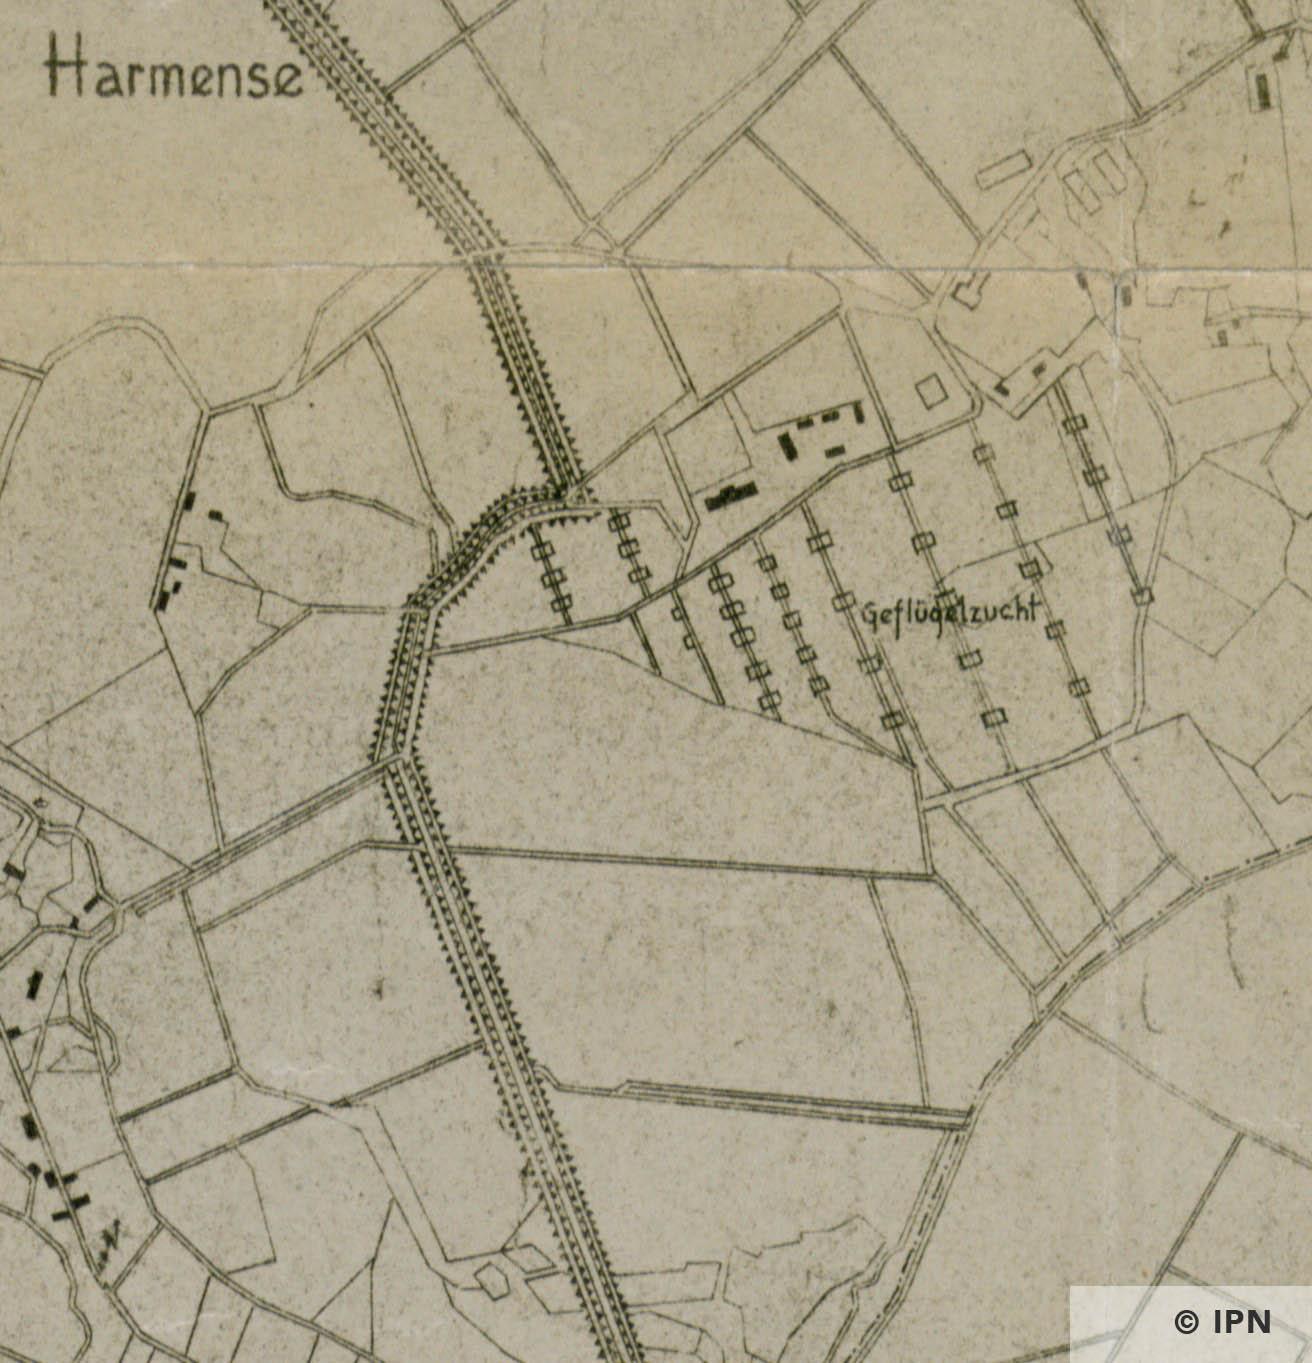 Geflügelfarm Harmense from the Plan vom Interessengebiet des KL Auschwitz. 15 January 1943. IPN GK 196 101 0031